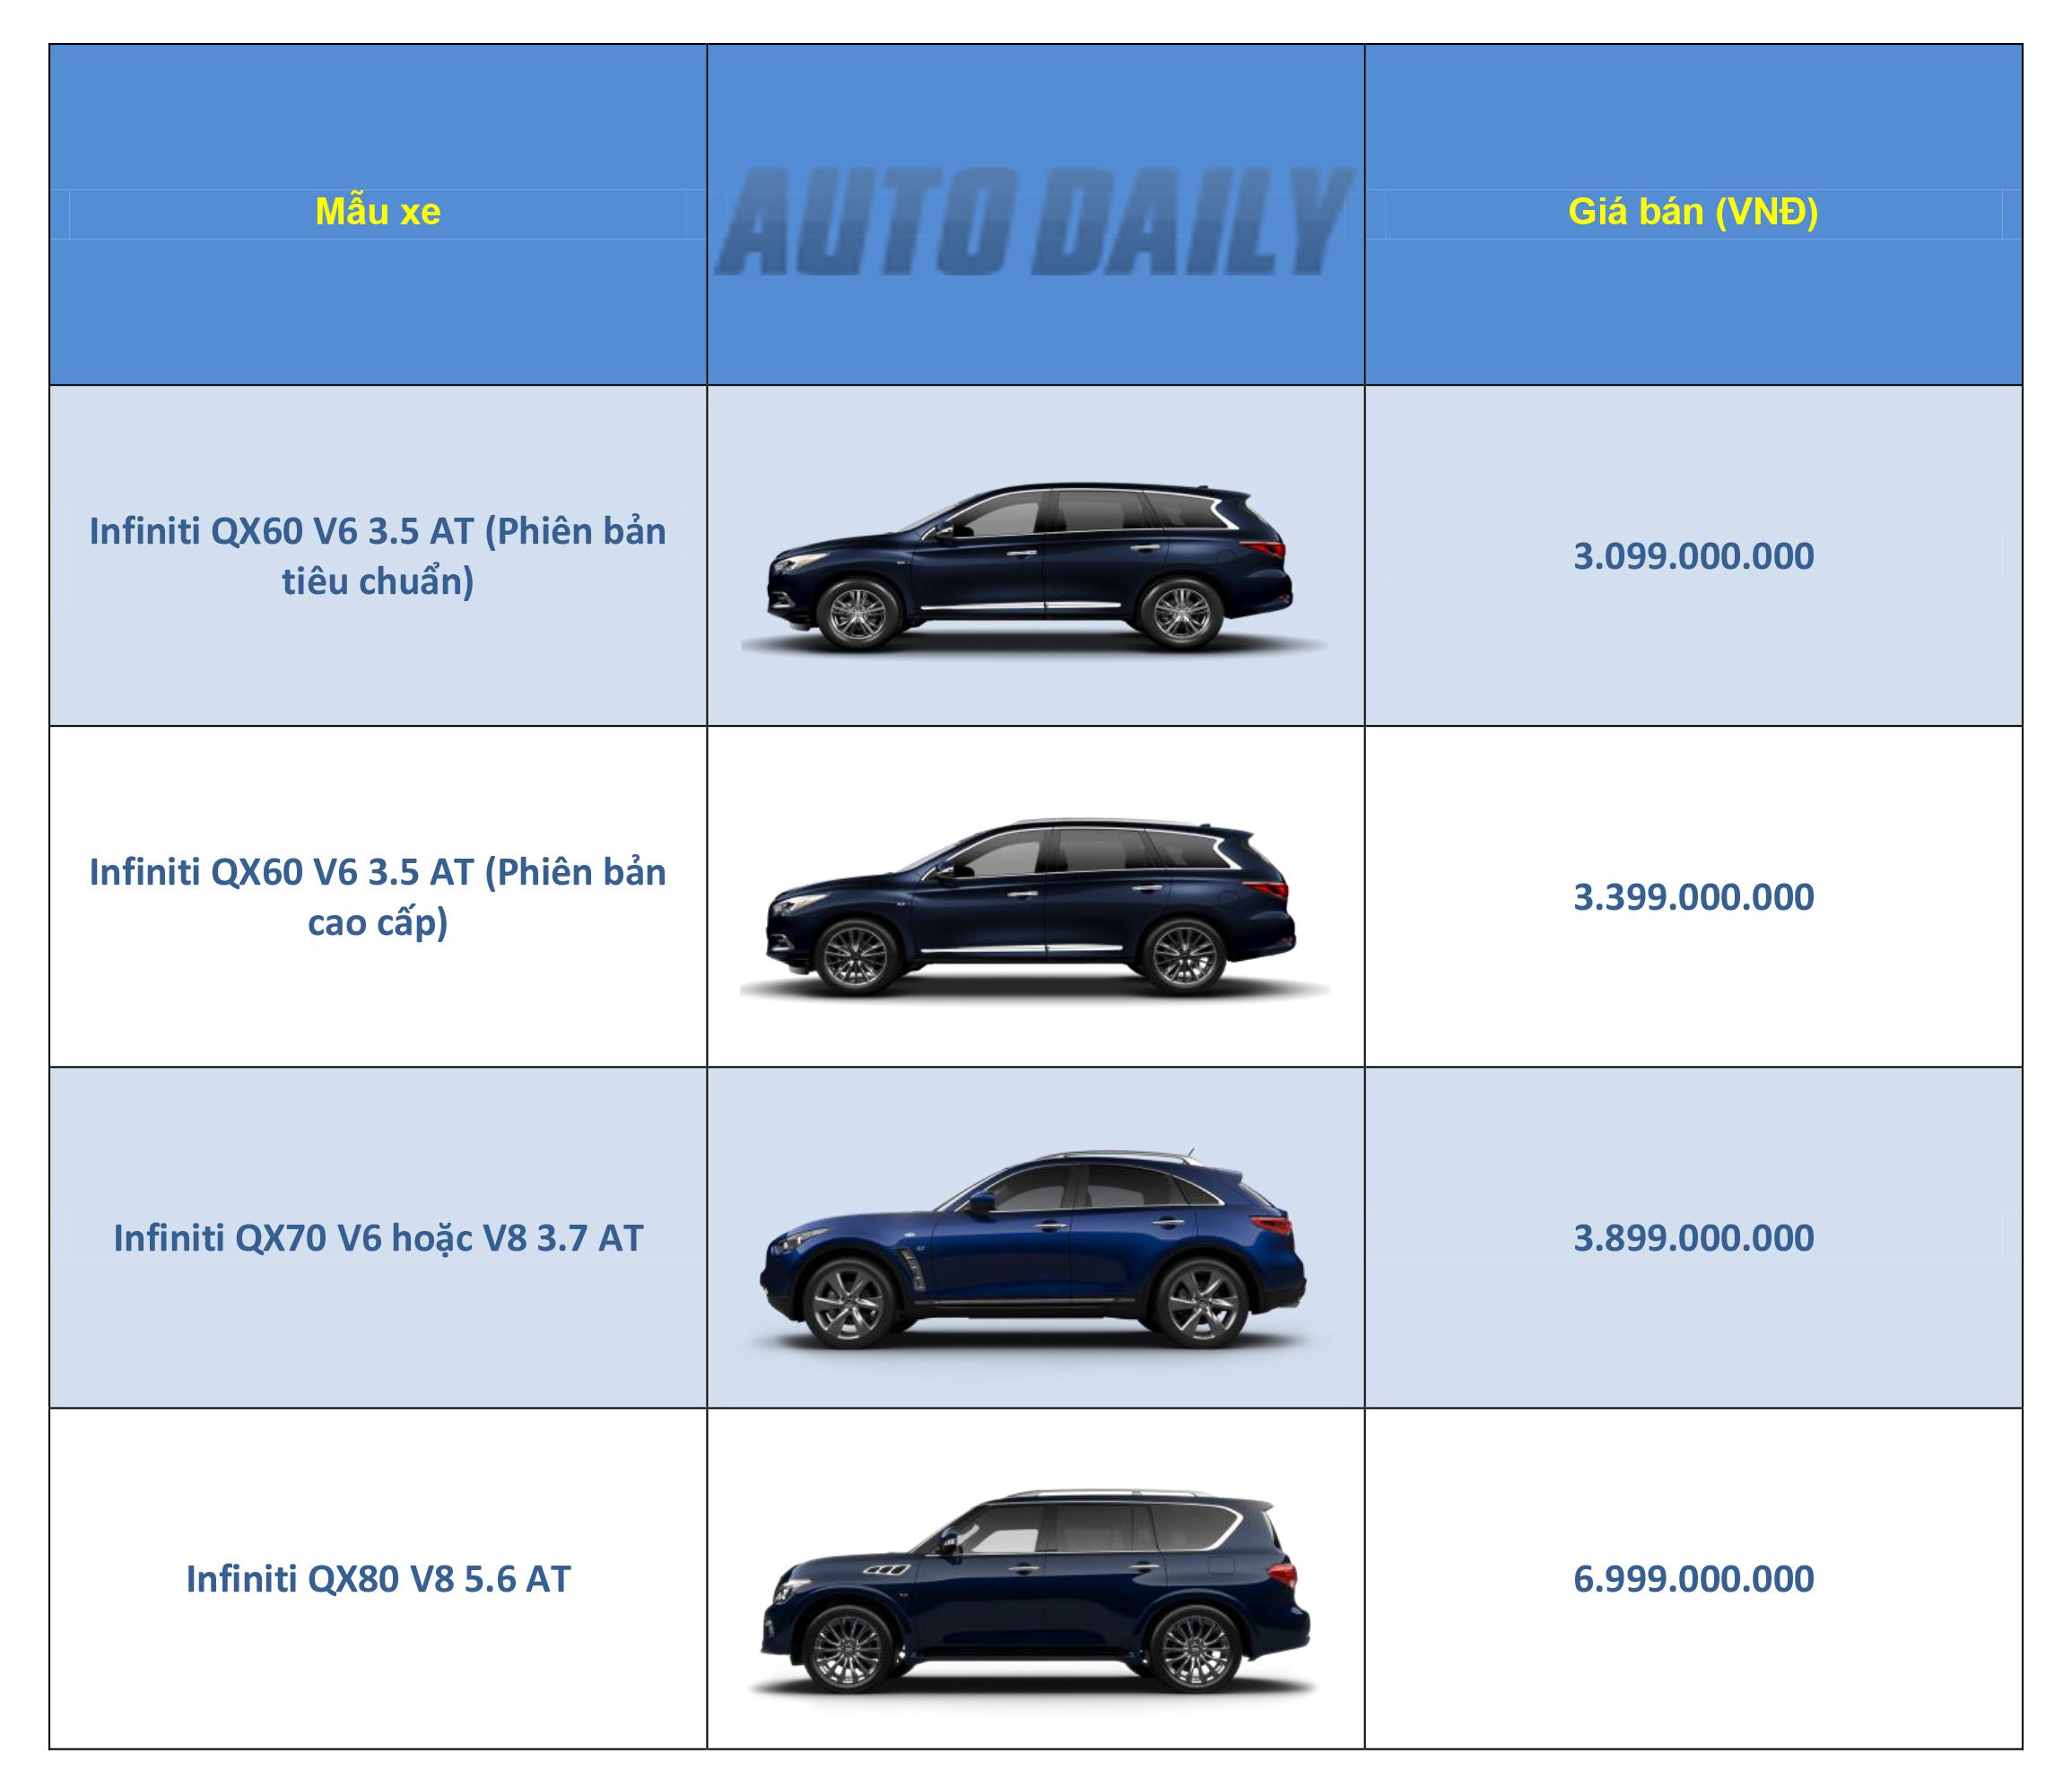 Bảng giá xe Infiniti tháng 3/2018